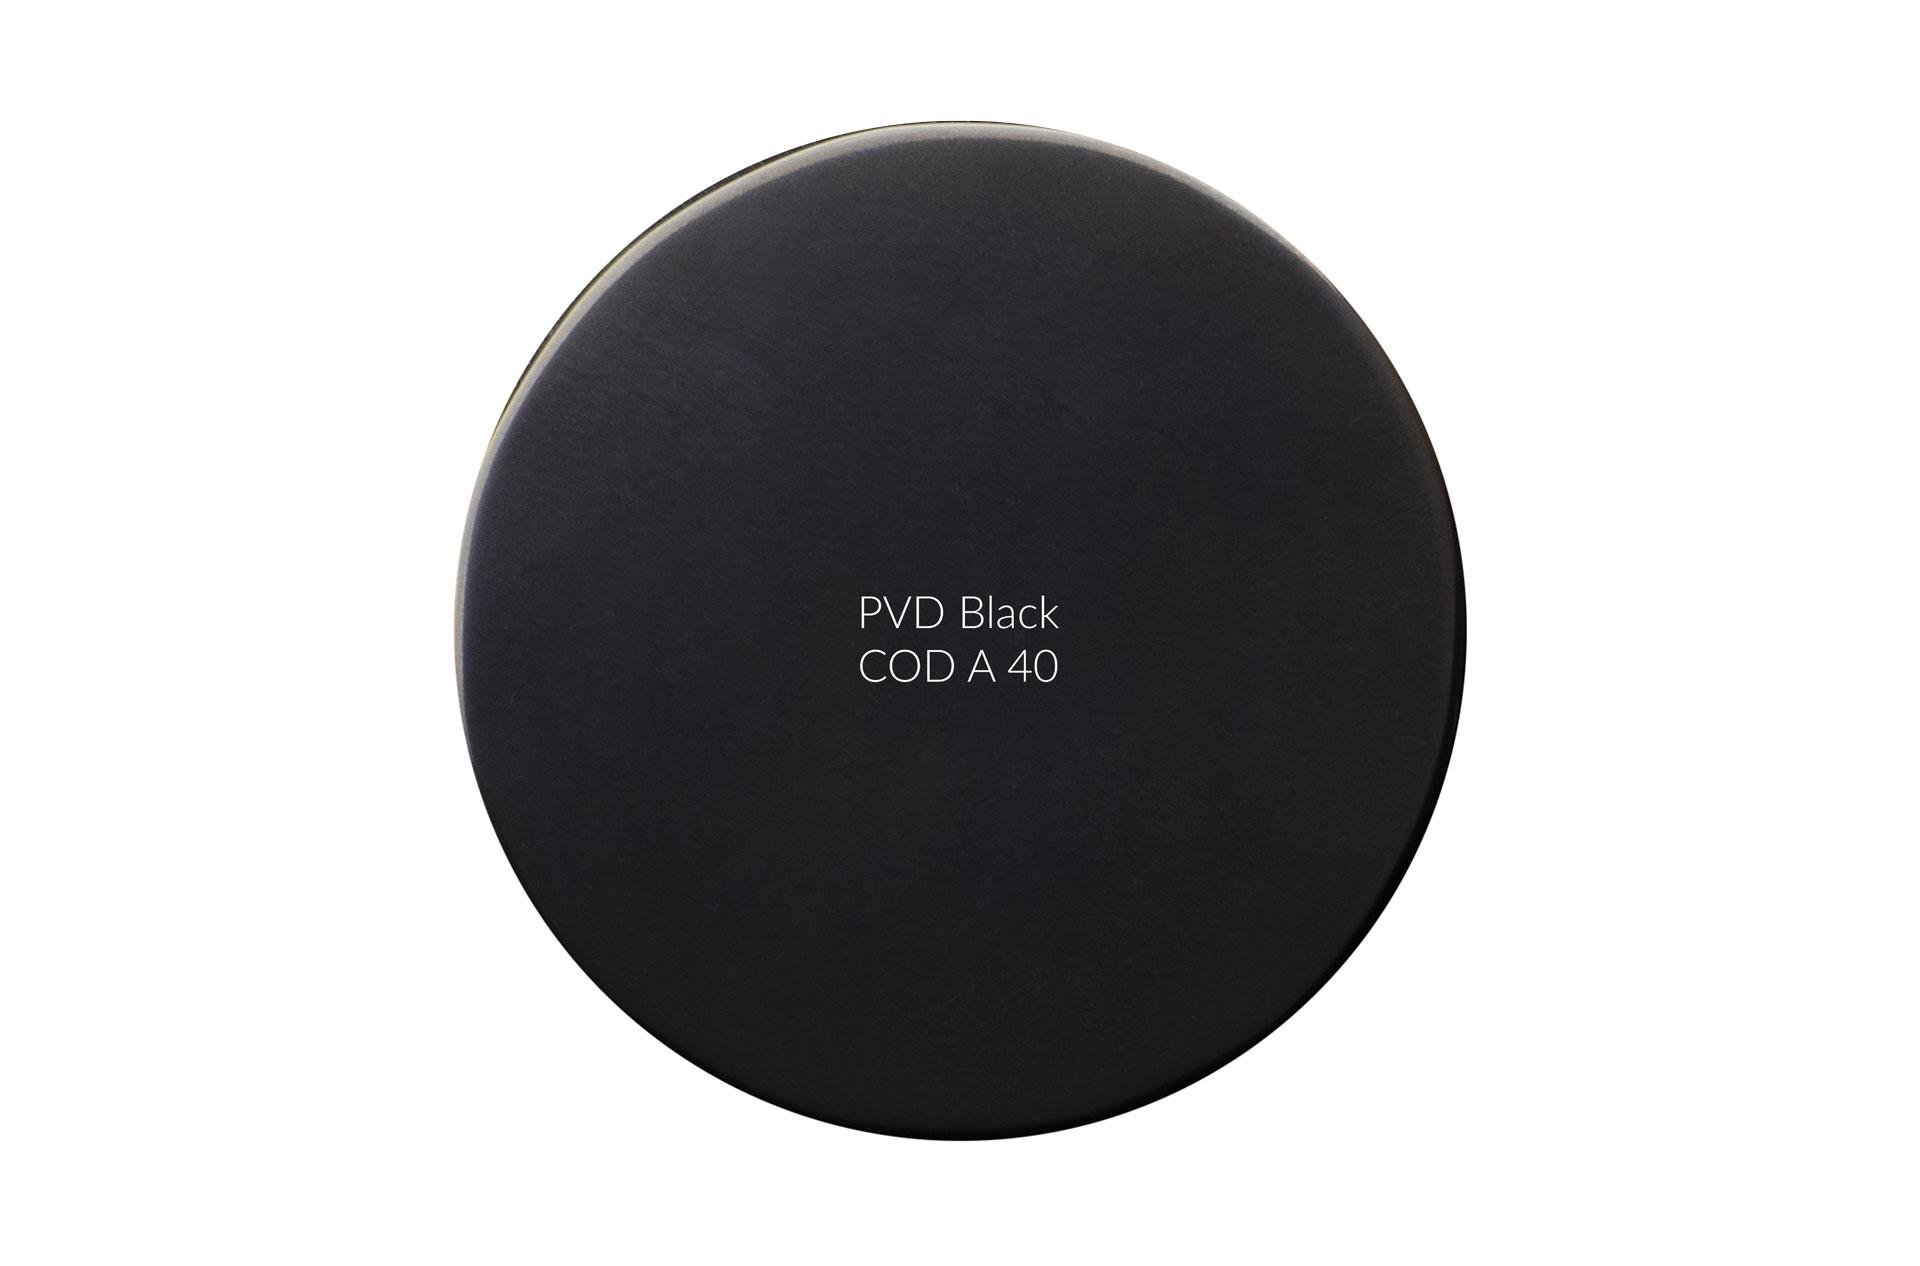 Dischetto PVD black cod A 40 lucido